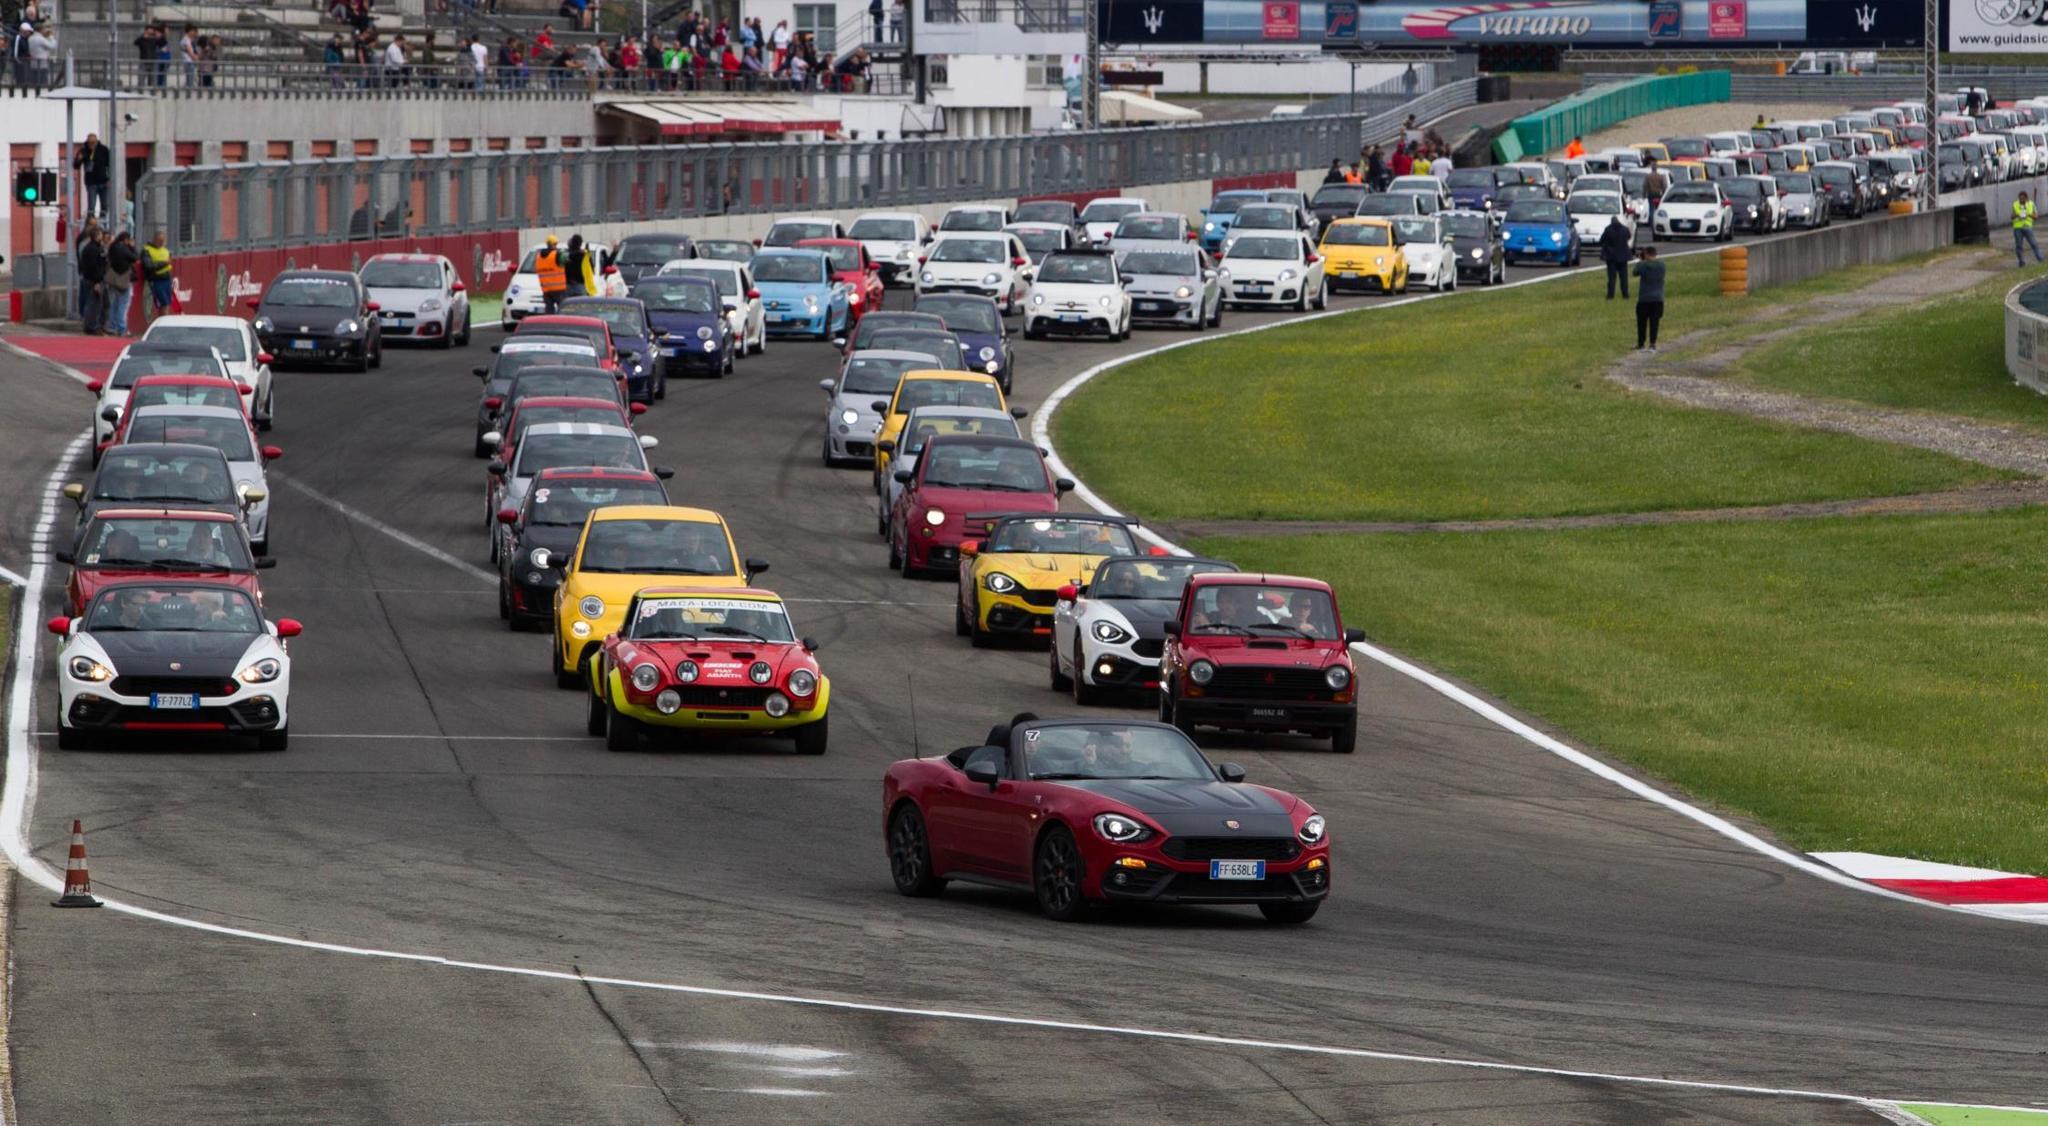 Circuito Ascari : Abarth day el de junio en el circuito ascari marca